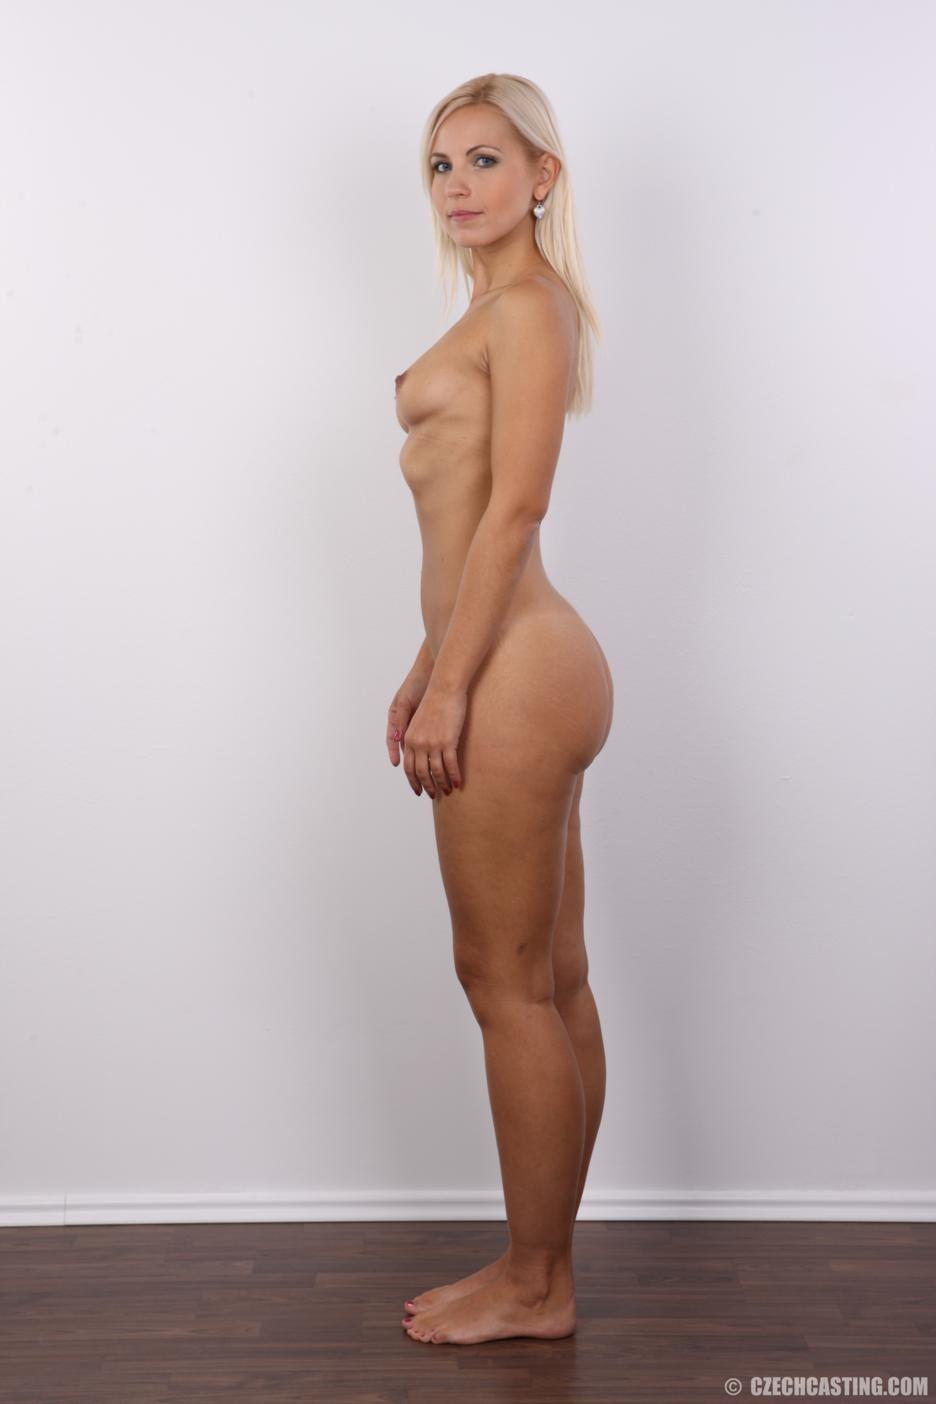 Блондинка с упругими сиськами сняла с себя всю одежду на порно кастинге